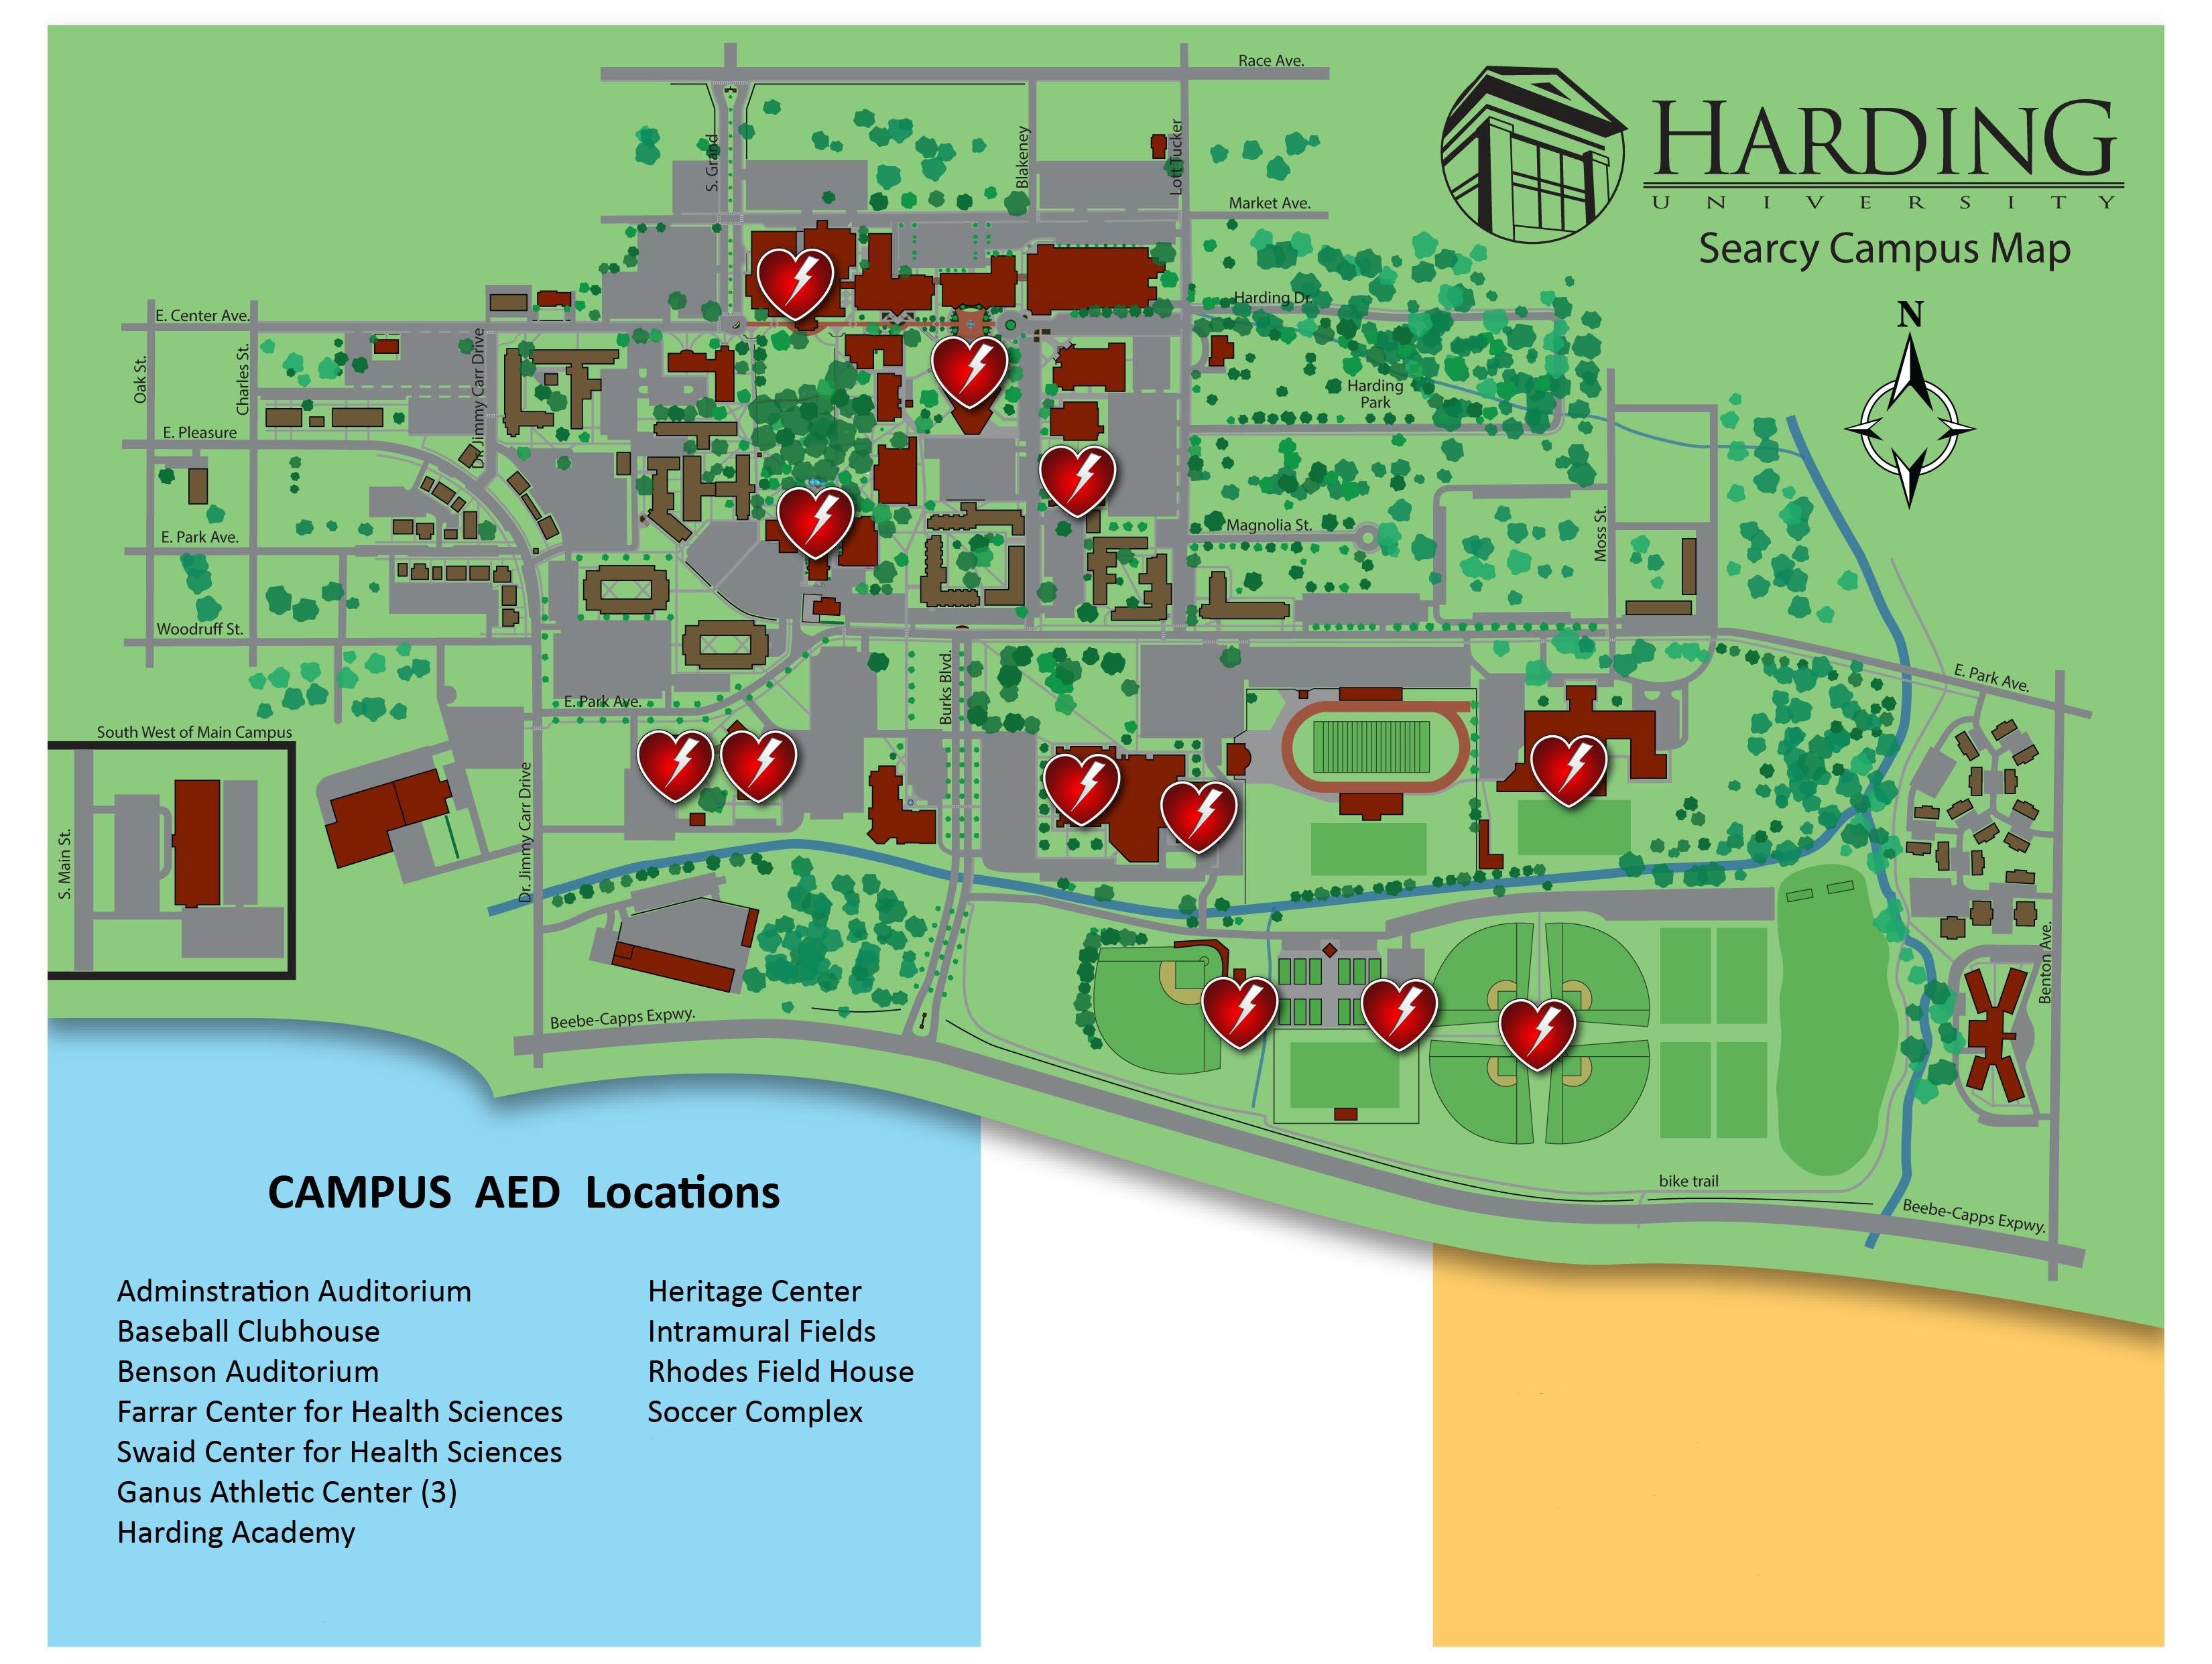 harding university campus map Harding Public Safety Campus Security harding university campus map